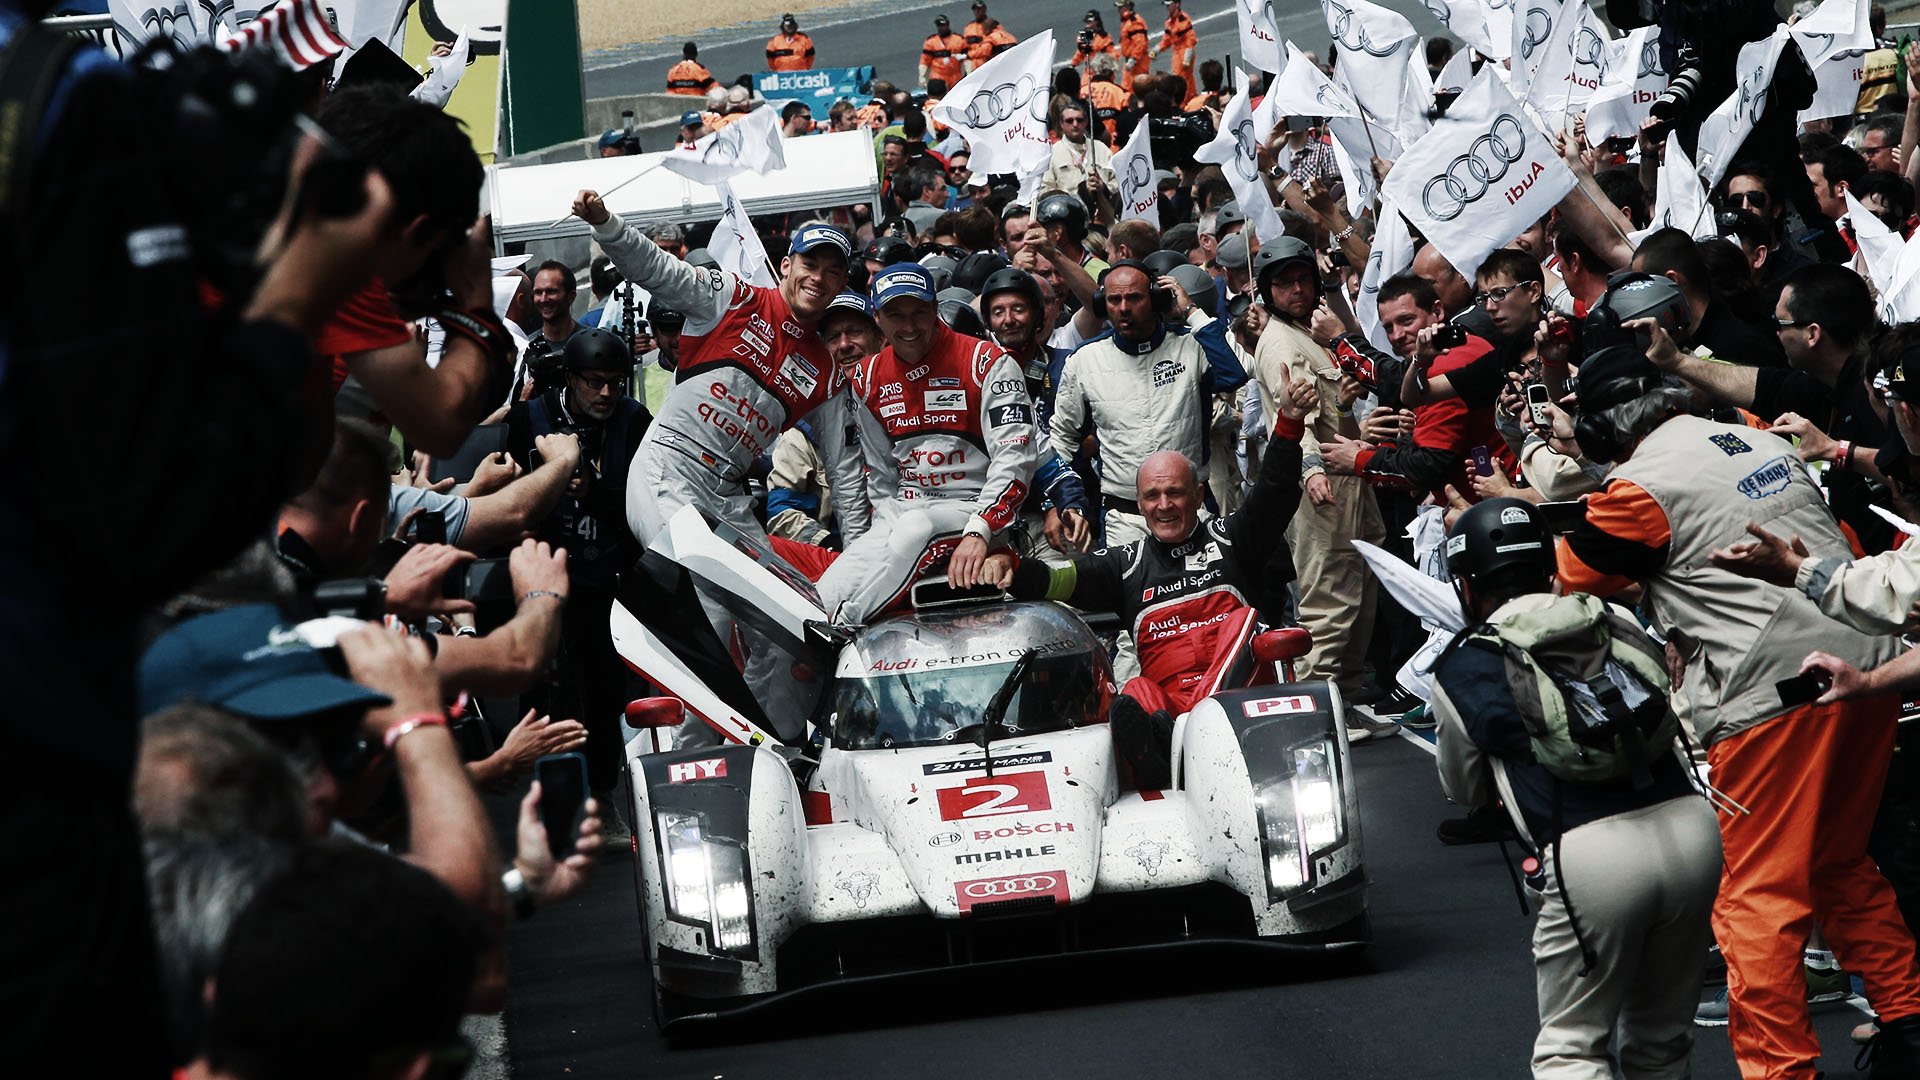 Historie. Historie. Audi Rennsport